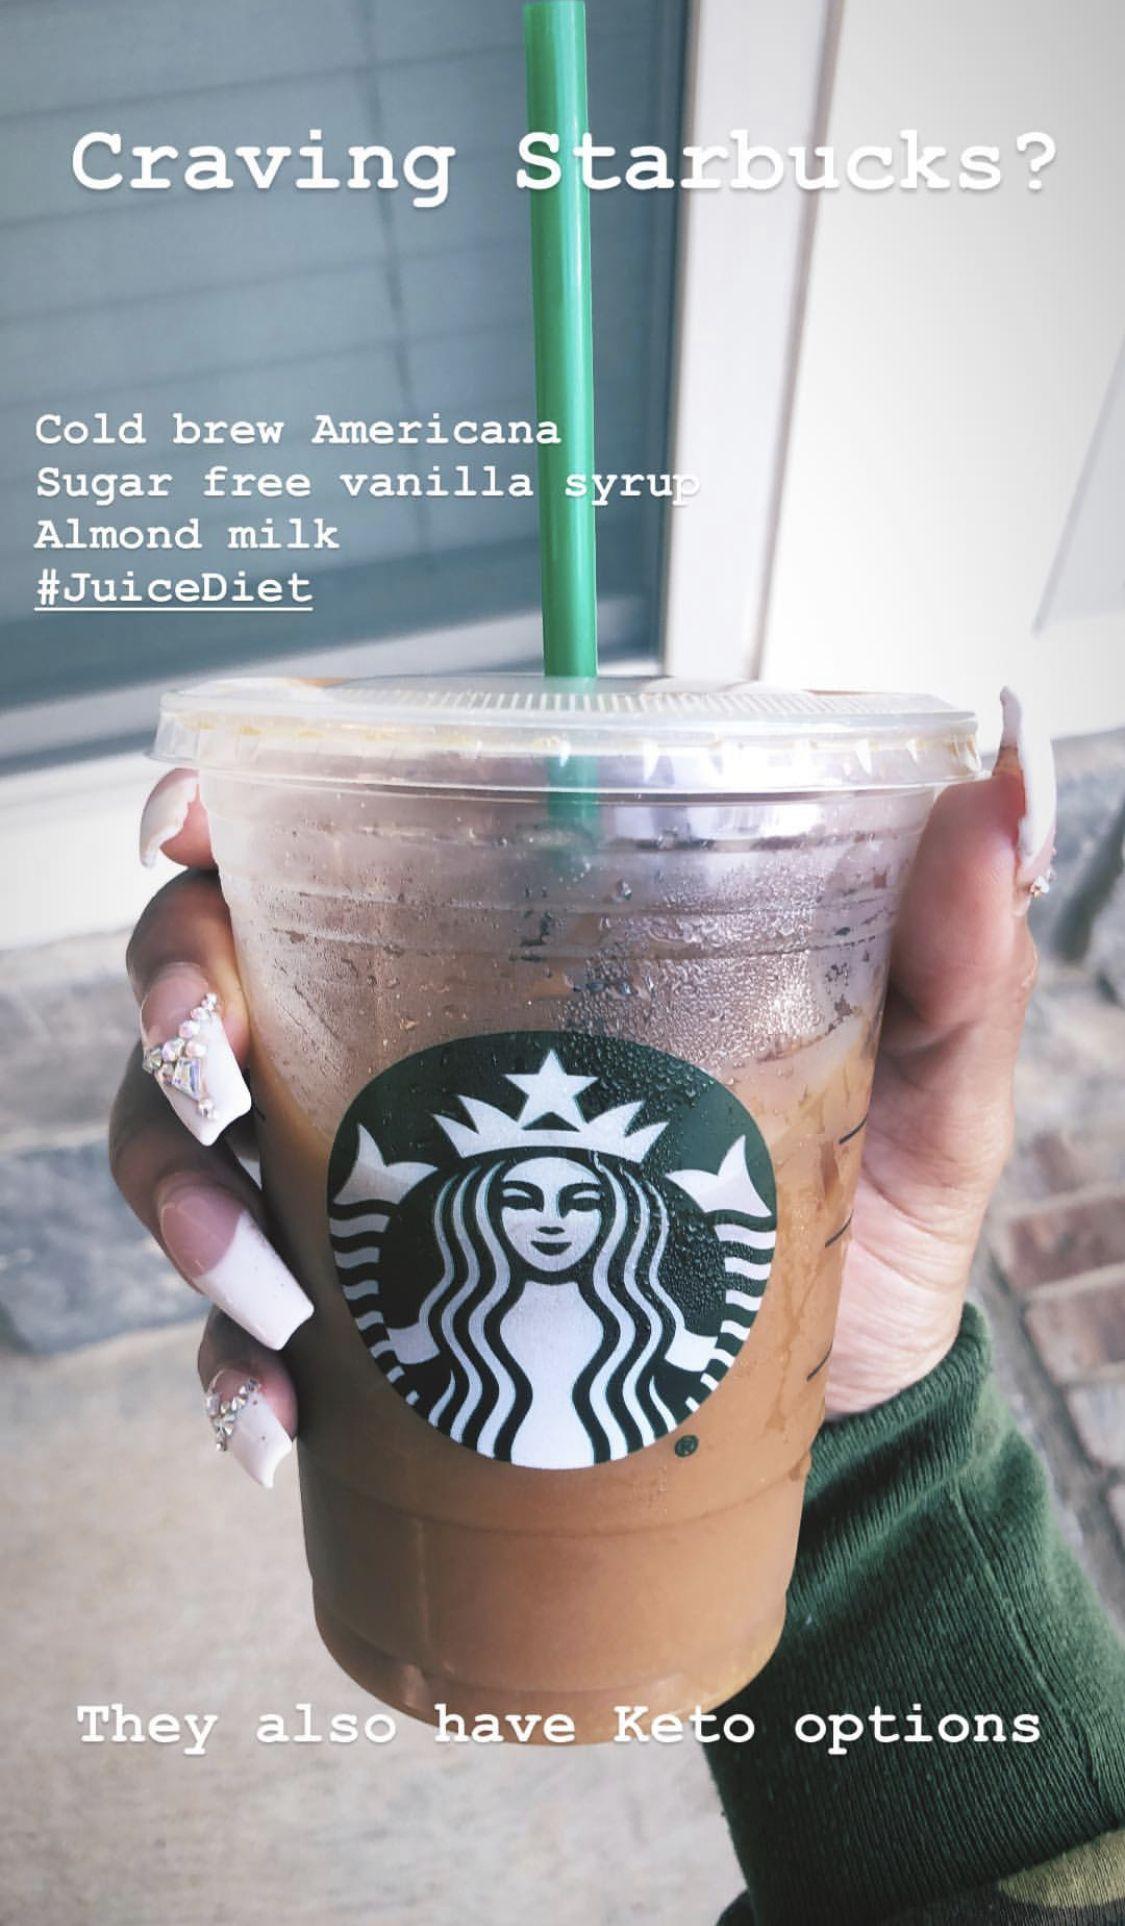 Pin by Cierra Boyd on good eats in 2020 Starbucks drinks